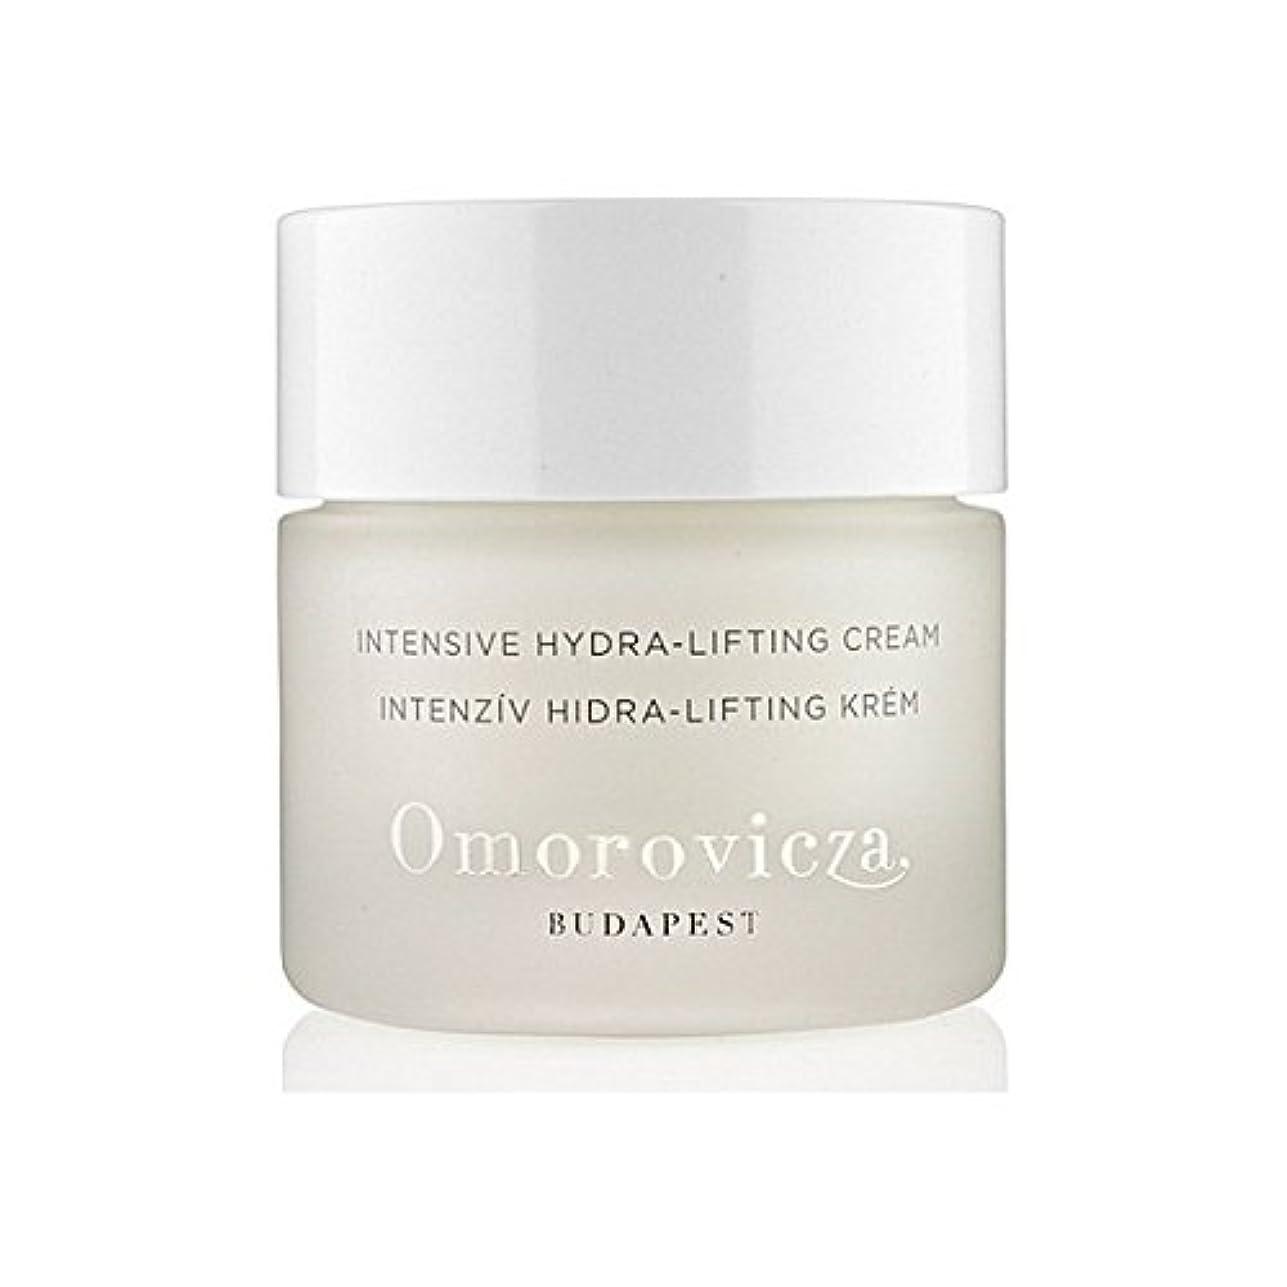 かご最後に合金Omorovicza Intensive Hydra-Lifting Cream 50Ml - 集中的なヒドラリフティングクリーム50 [並行輸入品]